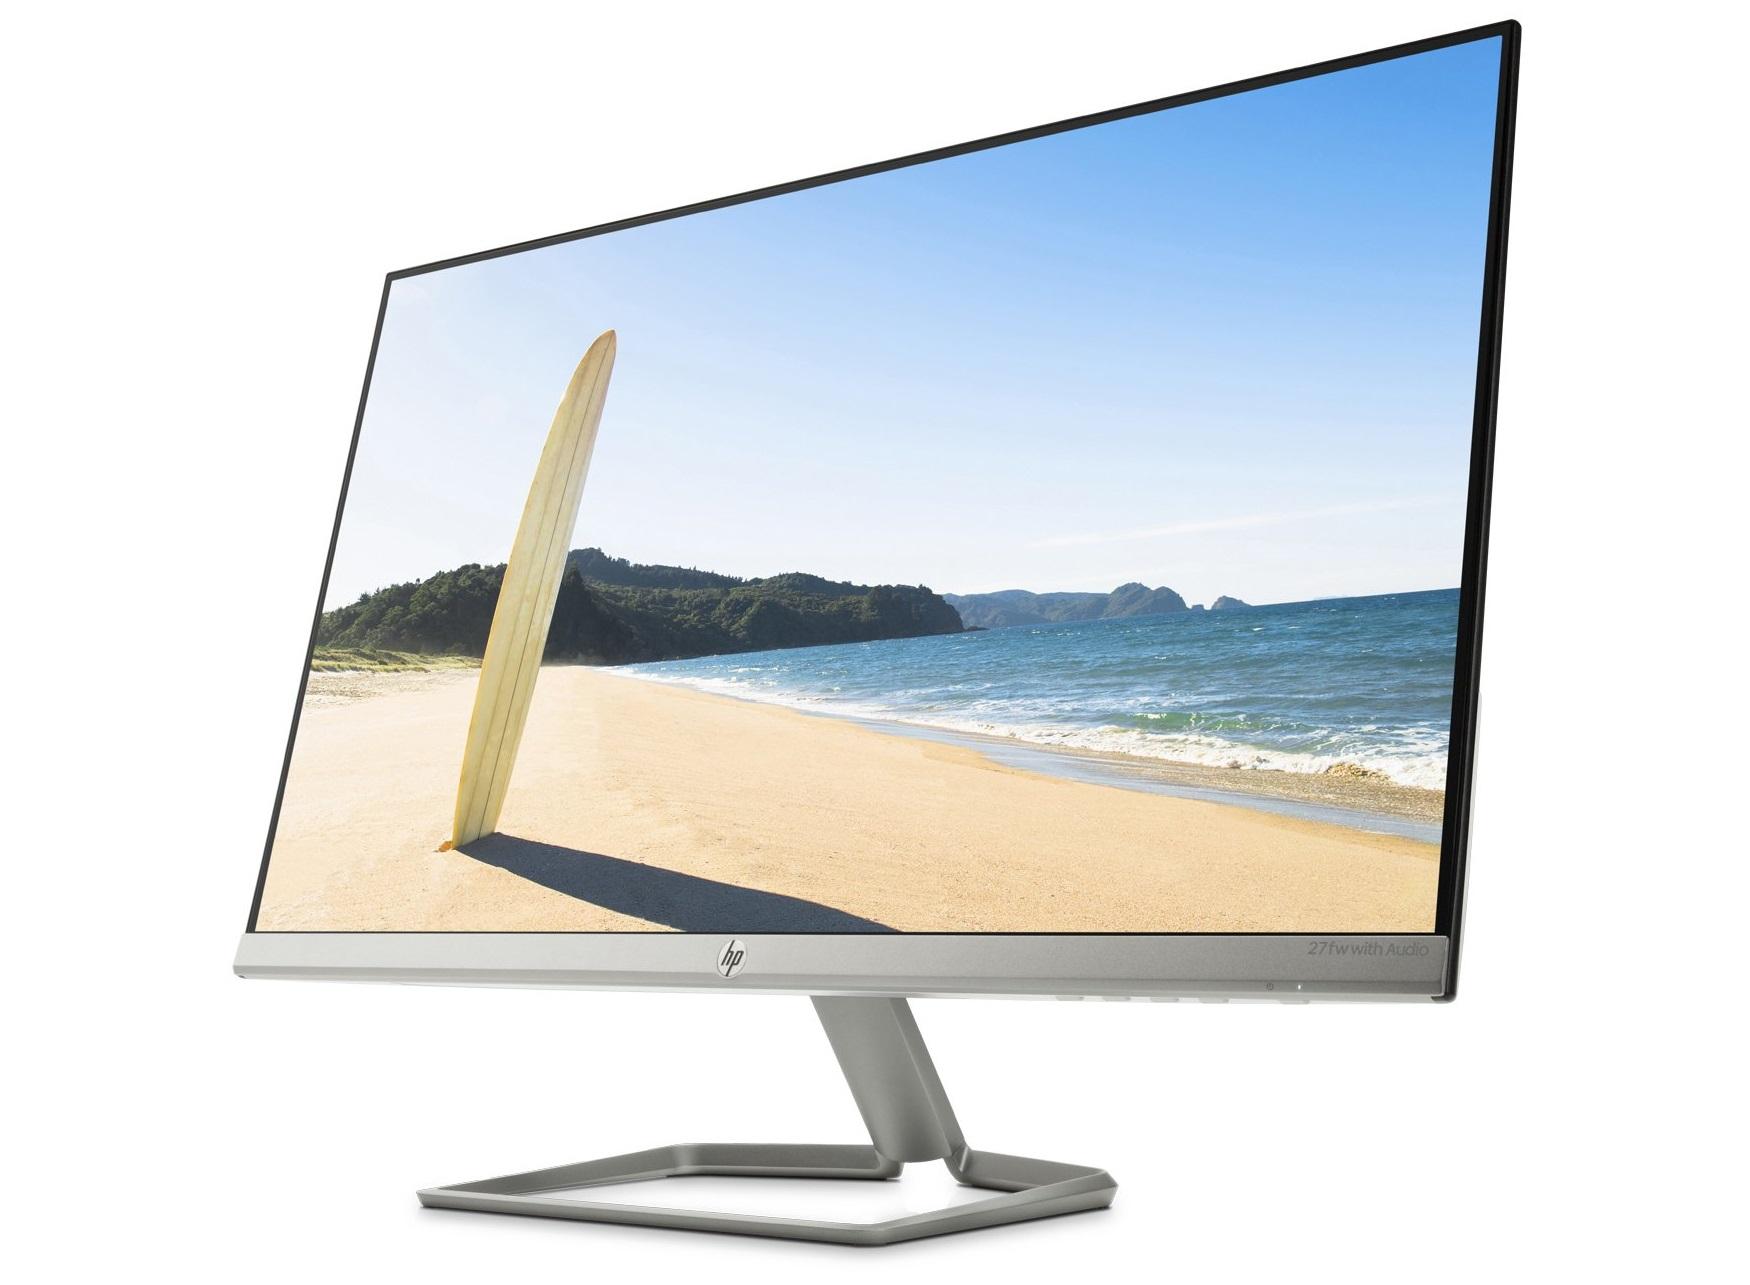 """HP 27fw with Audio 2yr warranty 68.58 cm (27"""" ) Ultraslim Full-HD IPS Monitor £134.99 unidays else 149.99 @ HP"""